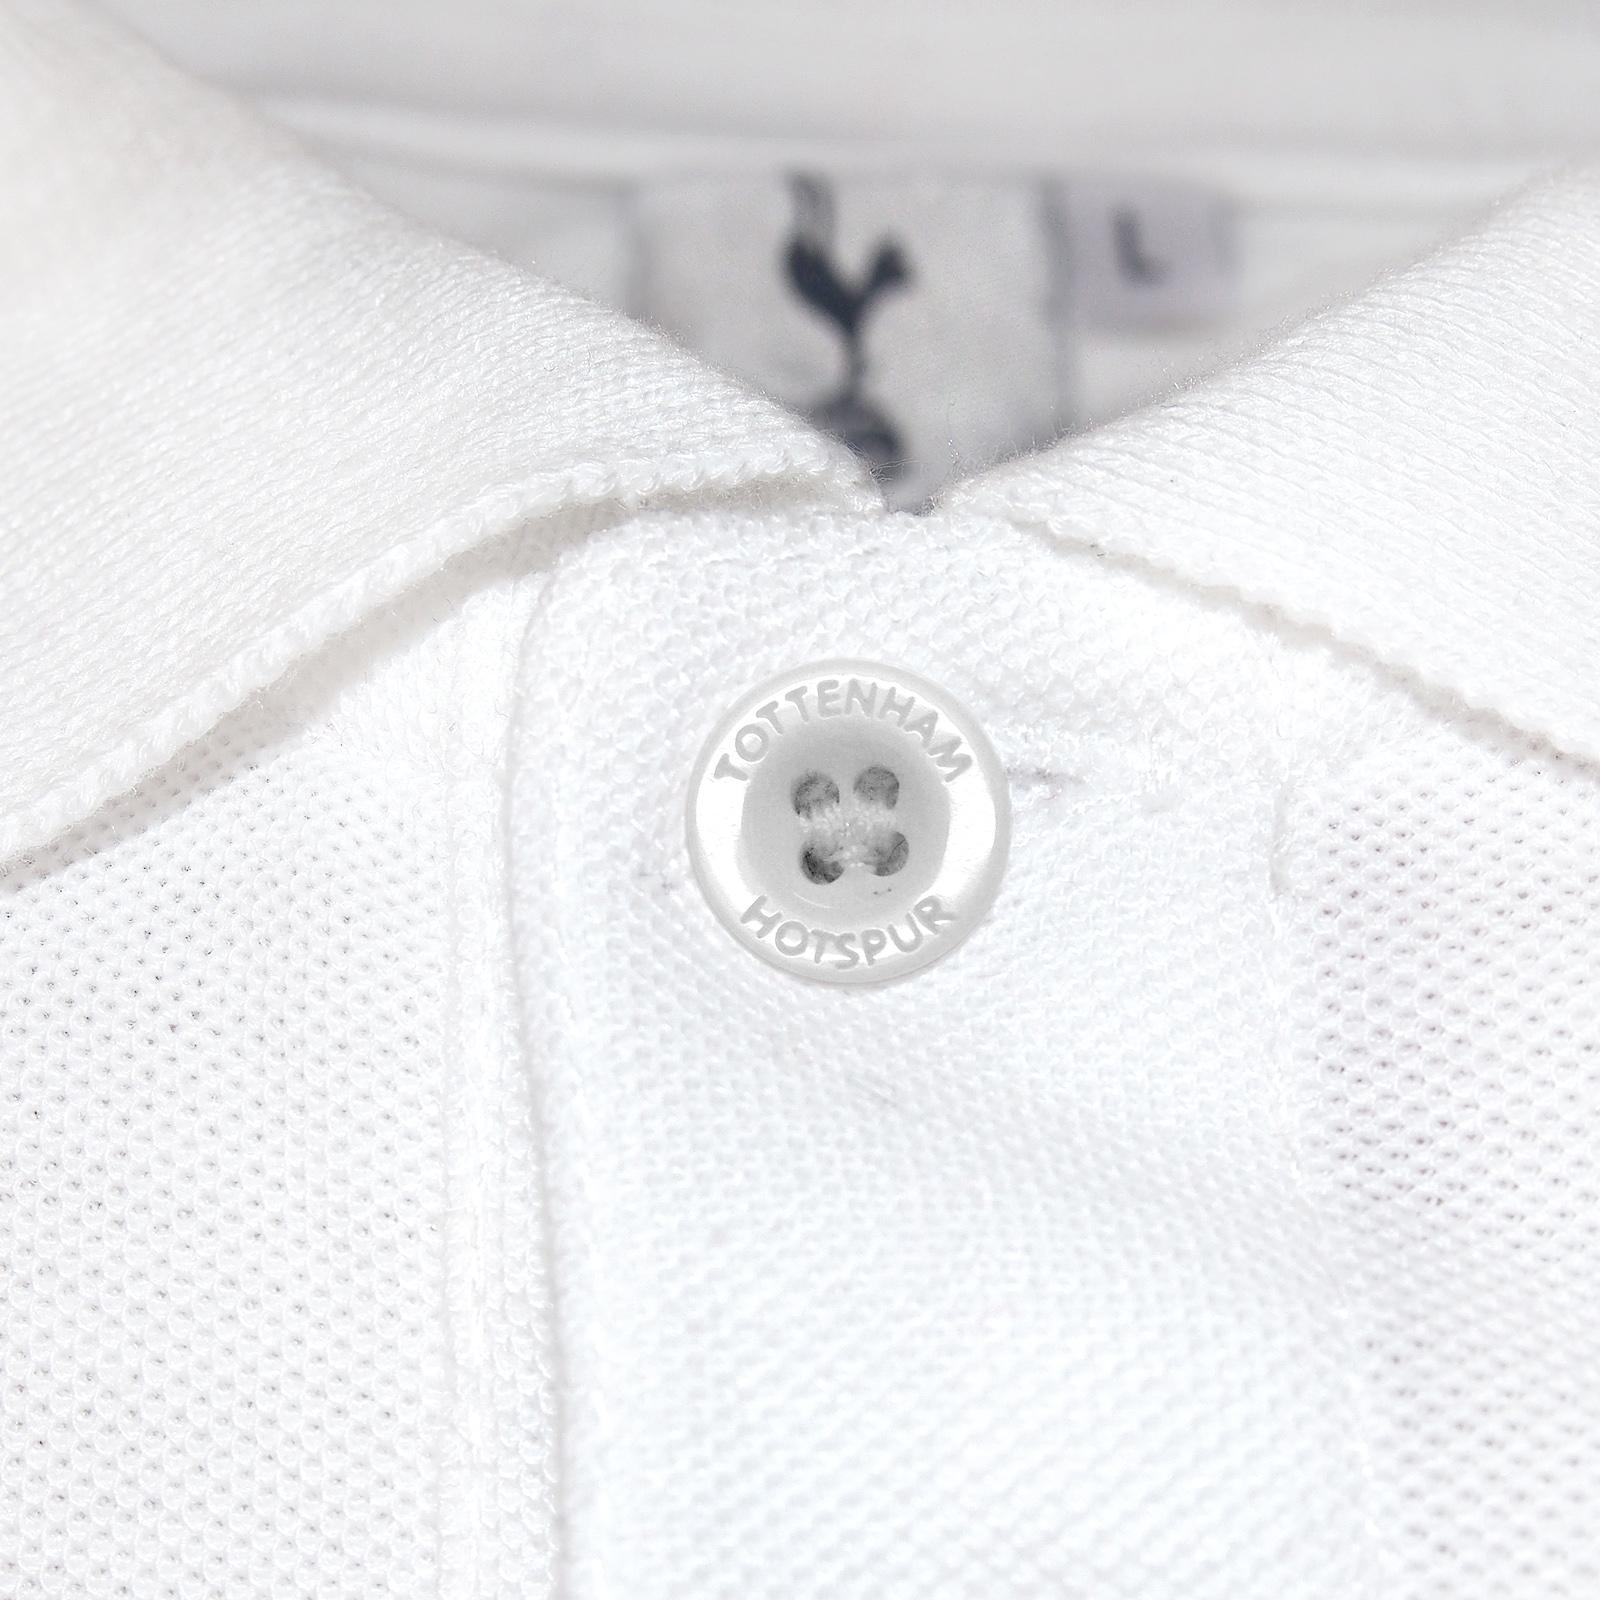 Tottenham Hotspur FC Ufficiale Calcio Regalo Maglietta Polo Uomo Crest